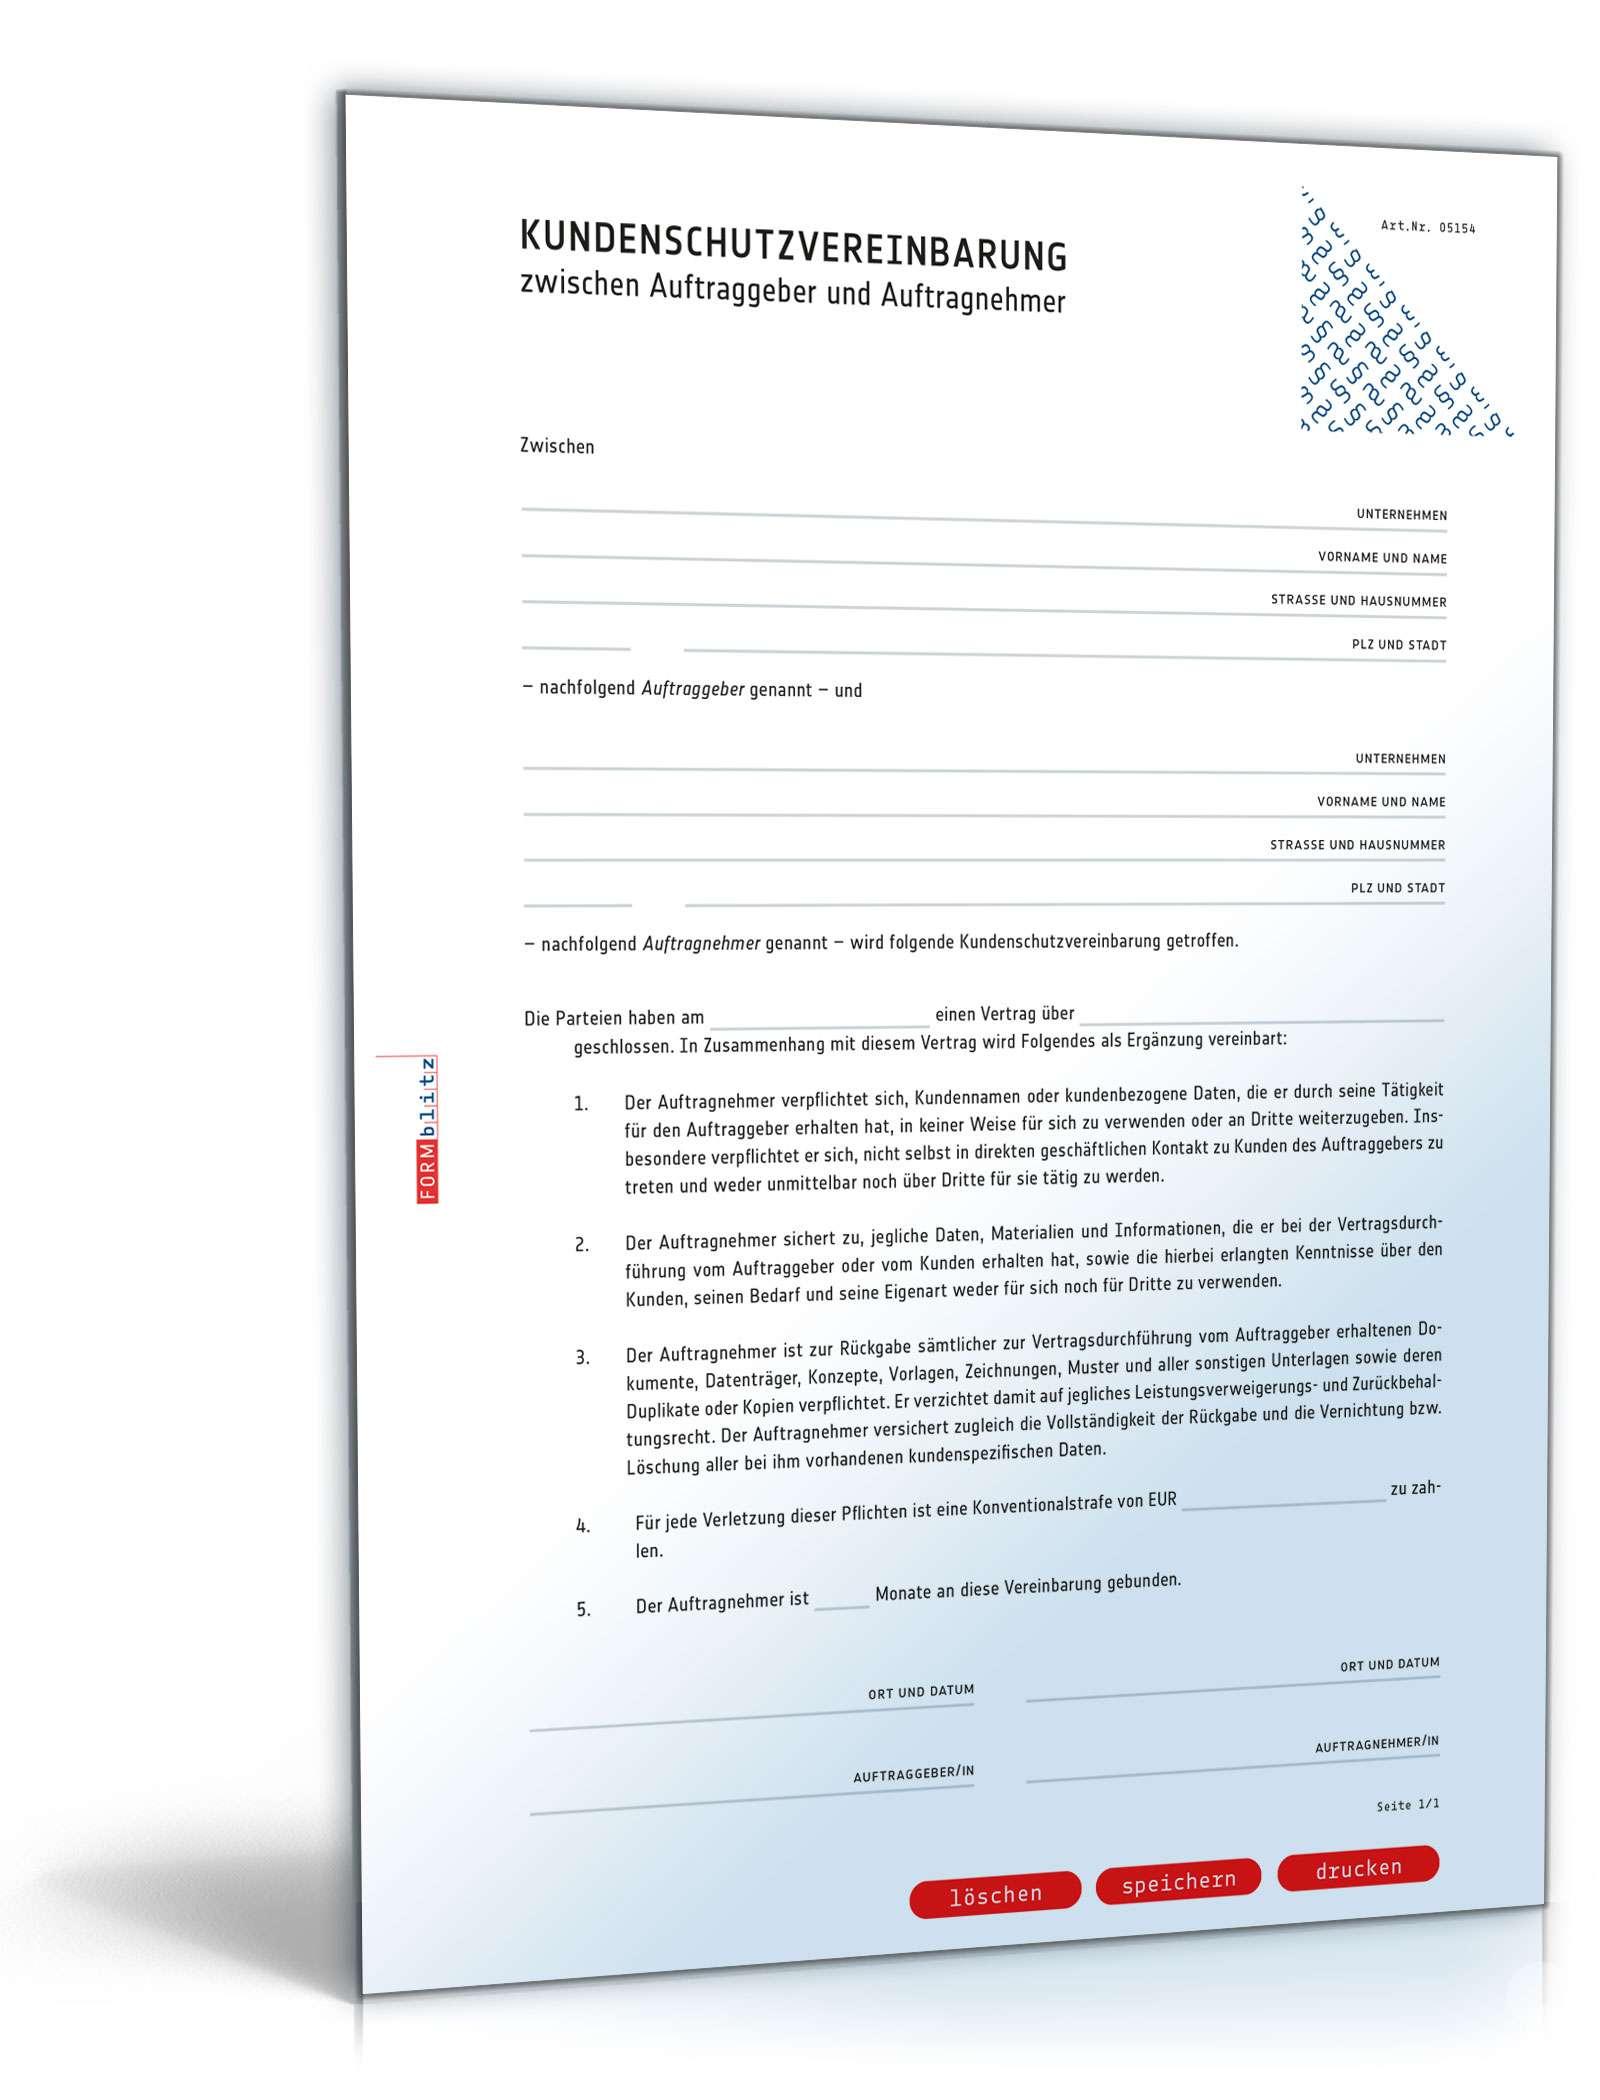 kundenschutzvereinbarung rechtssichere vorlage zum download. Black Bedroom Furniture Sets. Home Design Ideas